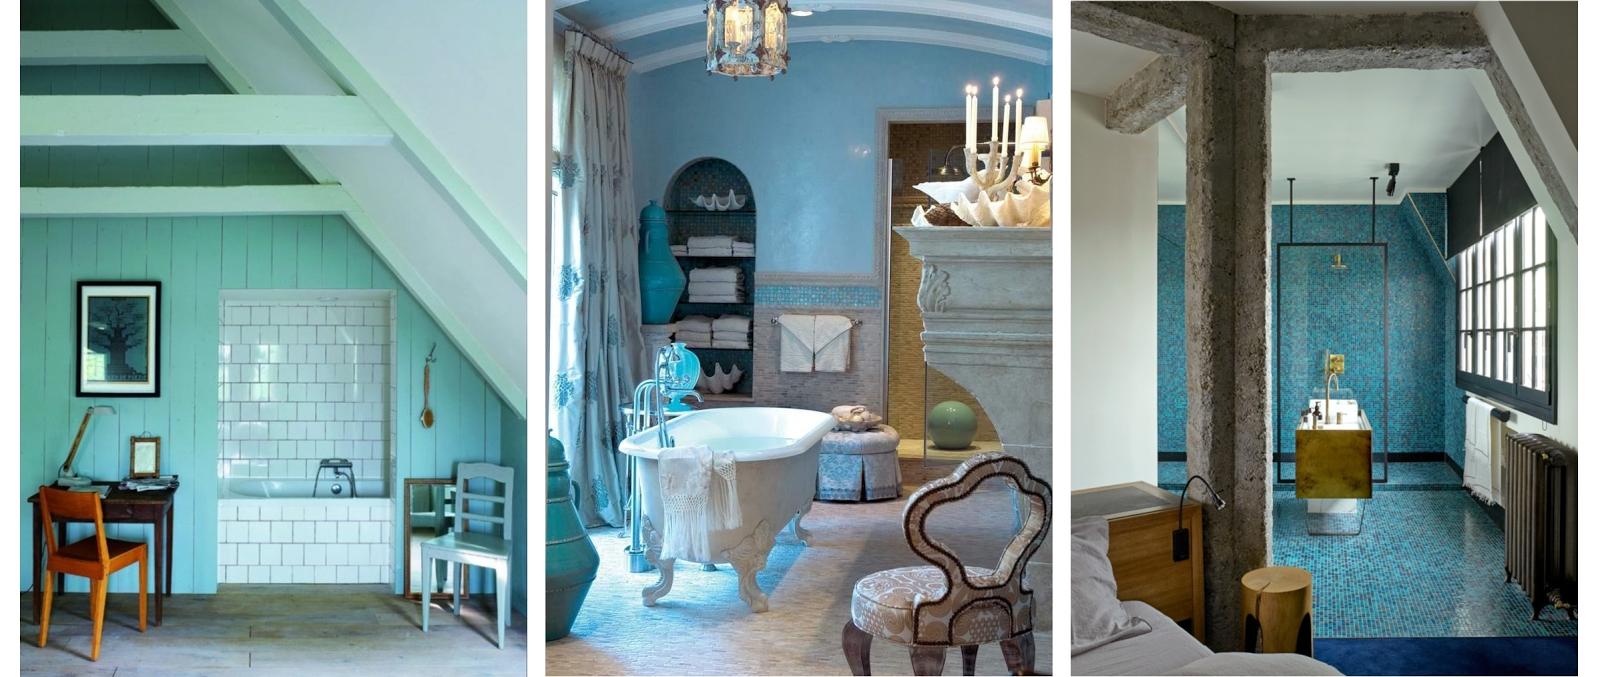 d co refaire sa salle de bain dans un esprit. Black Bedroom Furniture Sets. Home Design Ideas